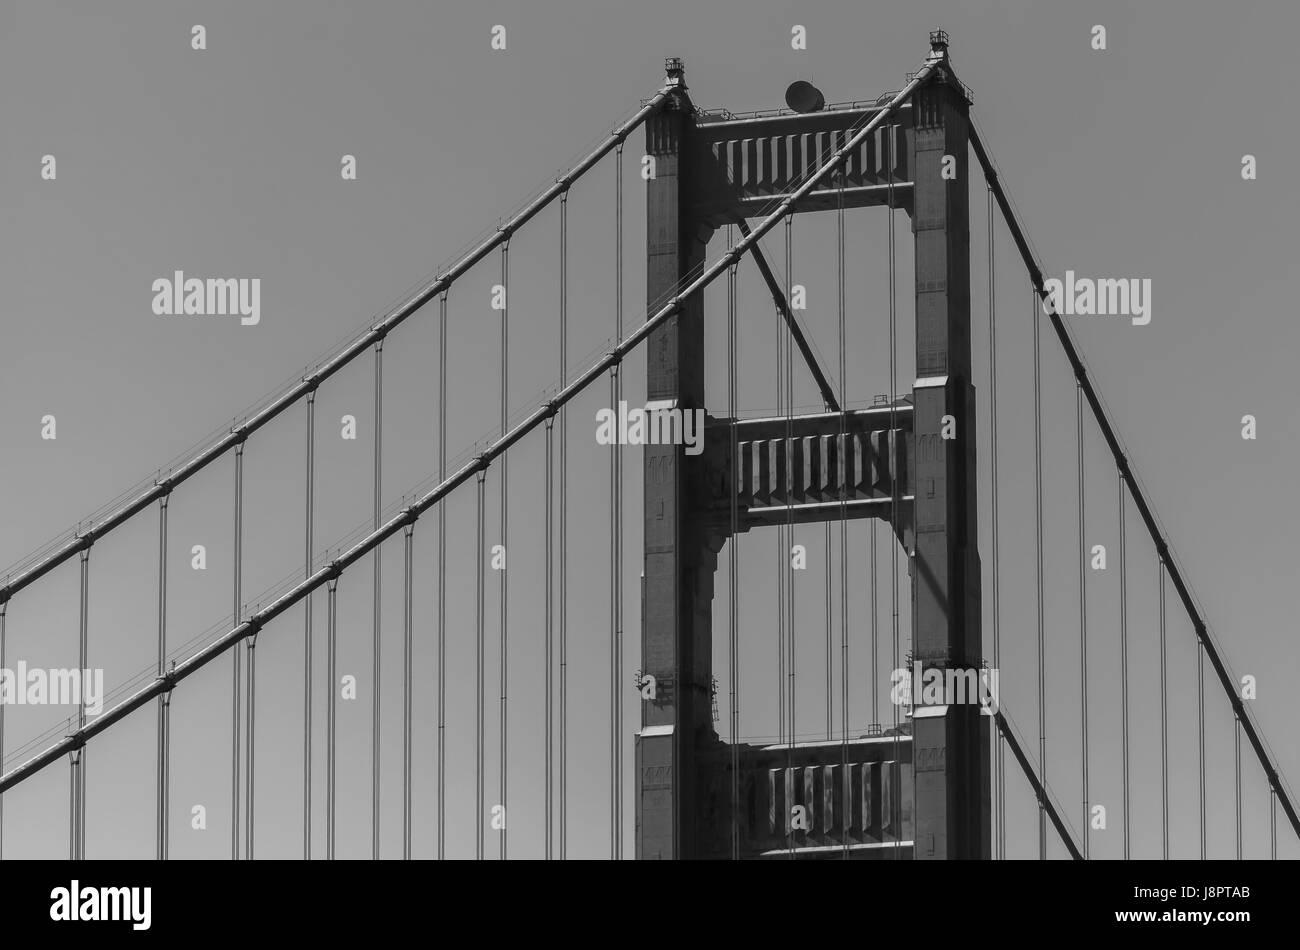 Un'immagine ravvicinata presso le strutture dell'iconico Golden Gate bridge a san francisco, Stati Uniti Immagini Stock